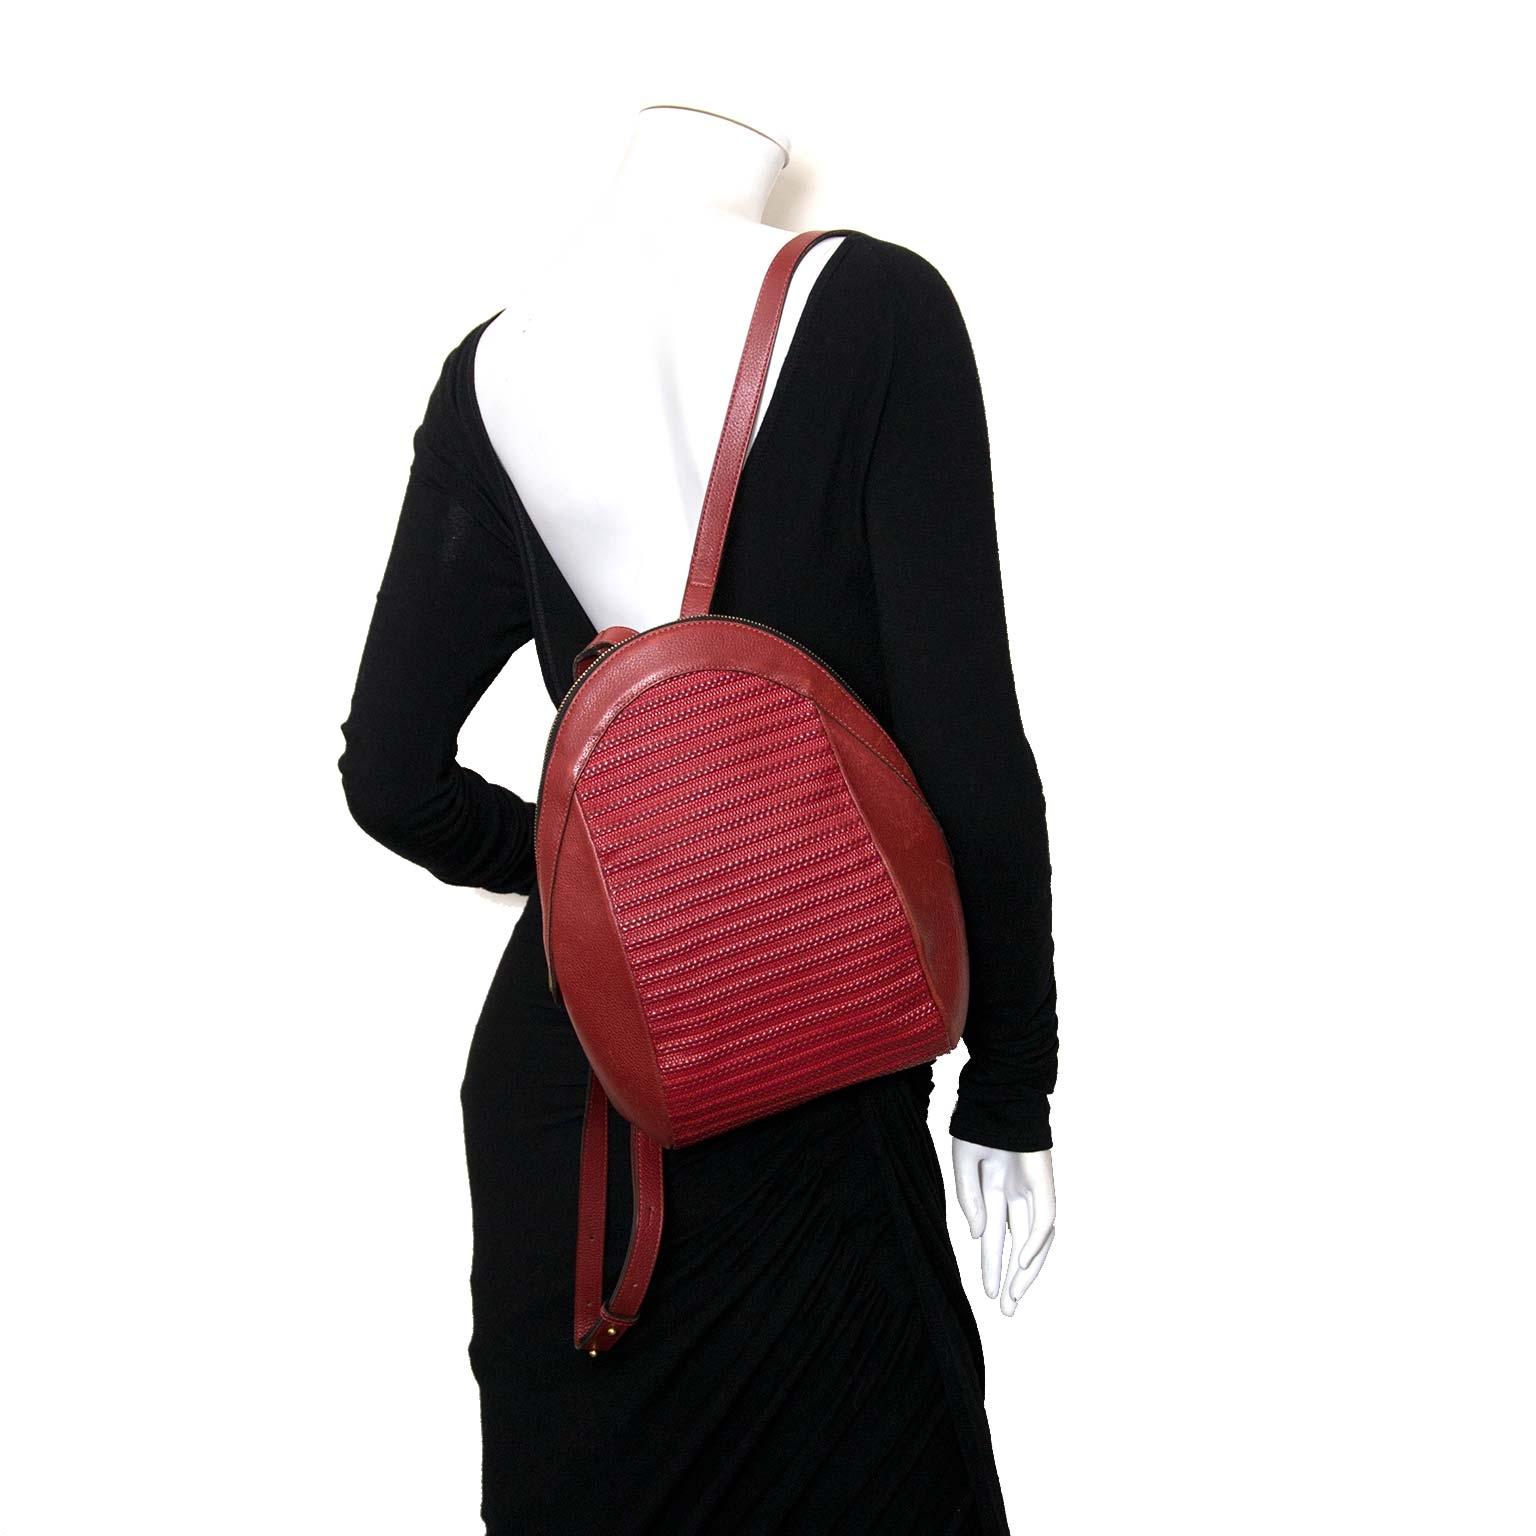 Koop authentieke Delvaux rugzakken bij Labellov vintage mode webshop